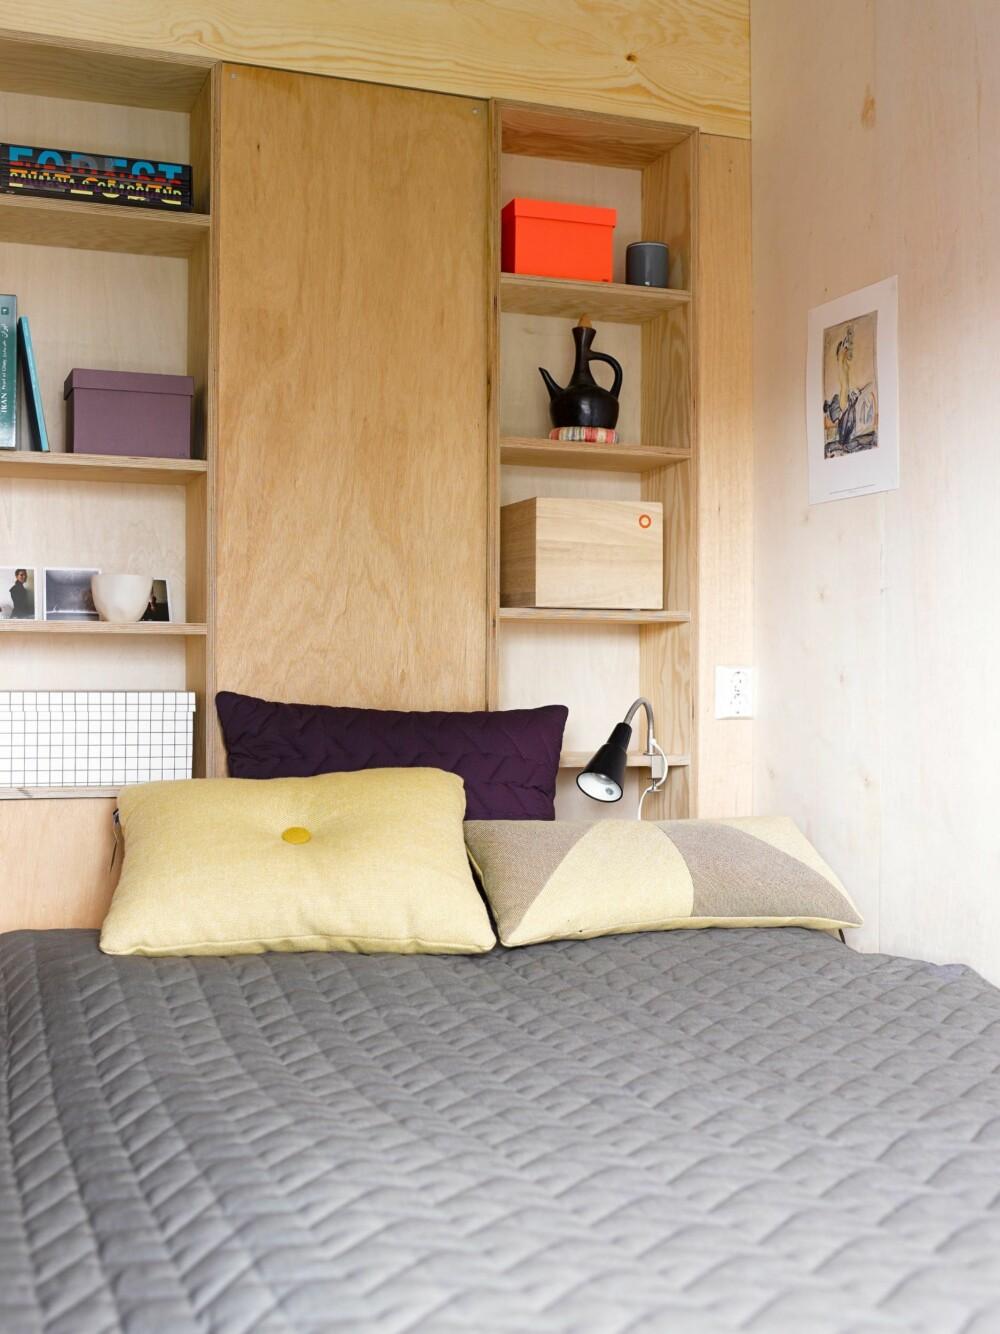 SPESIALTILPASSET: Hyllene på soverommet er bygd rundt et rør. Teppet og putene er fra Hay.